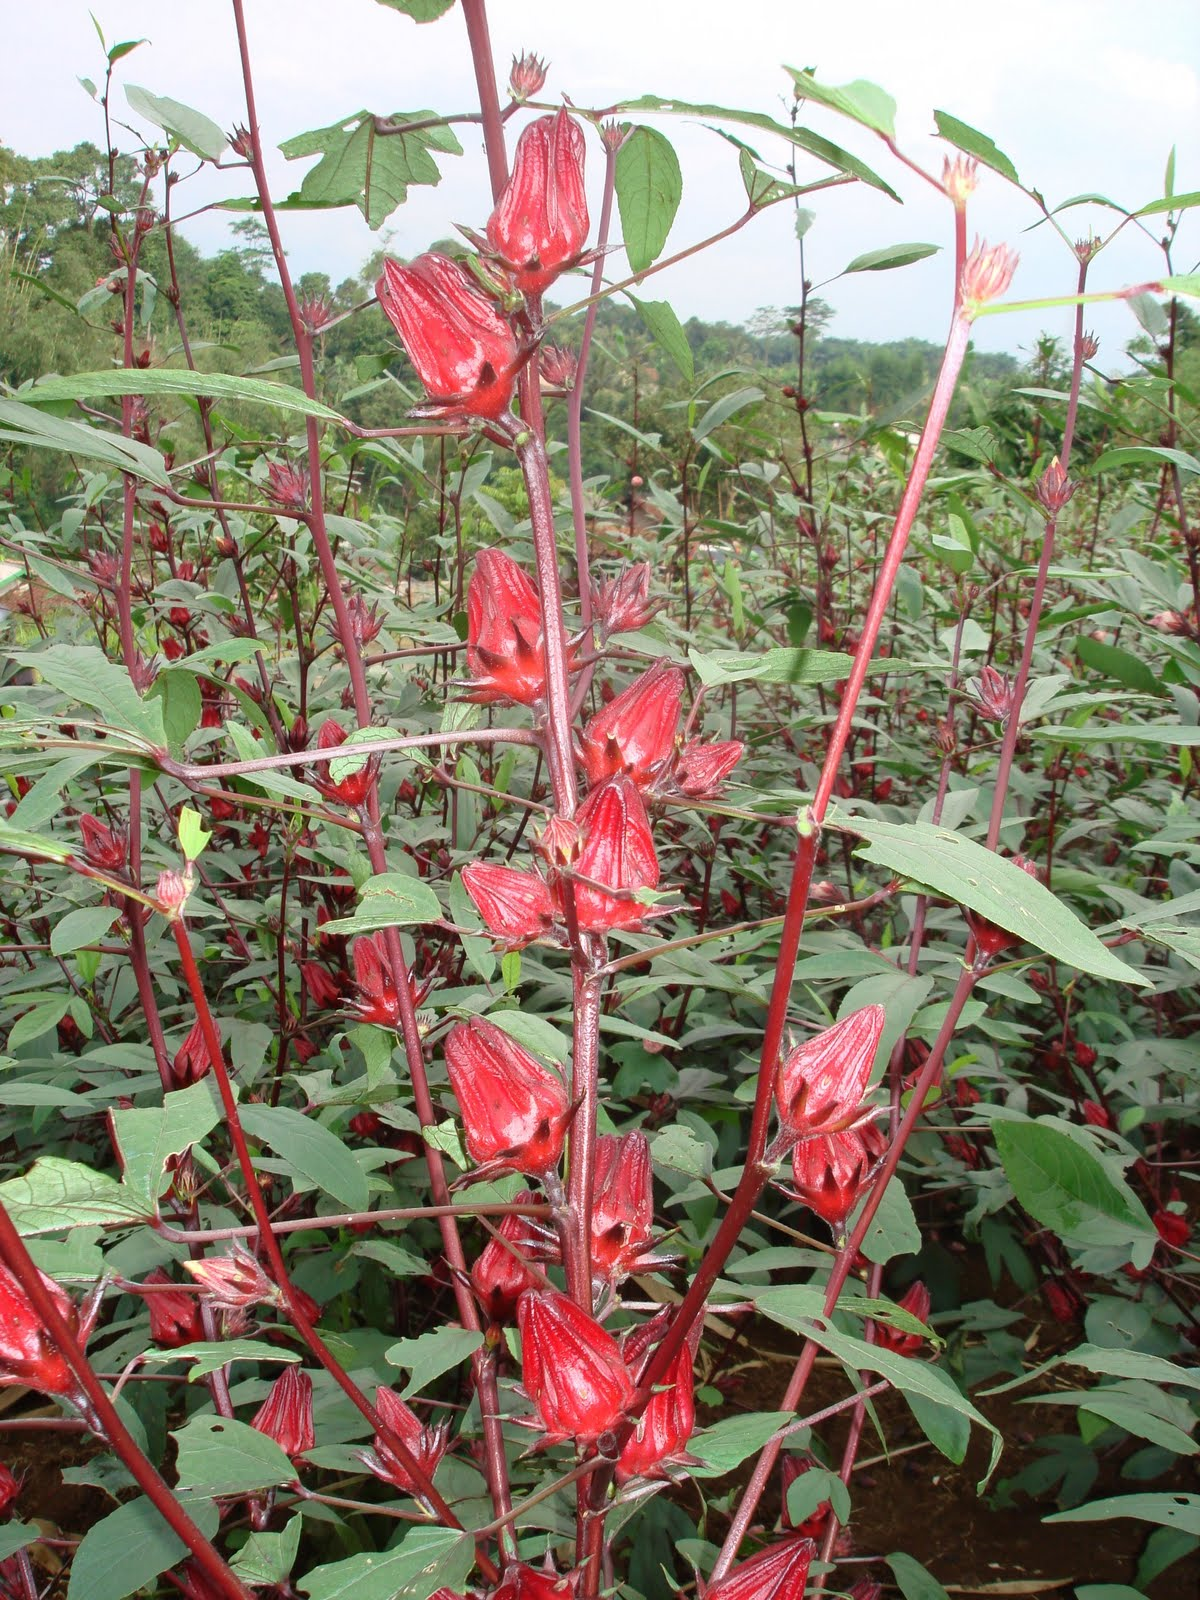 Manfaat Bunga Rosella Untuk Kesehatan dan Kecantikan